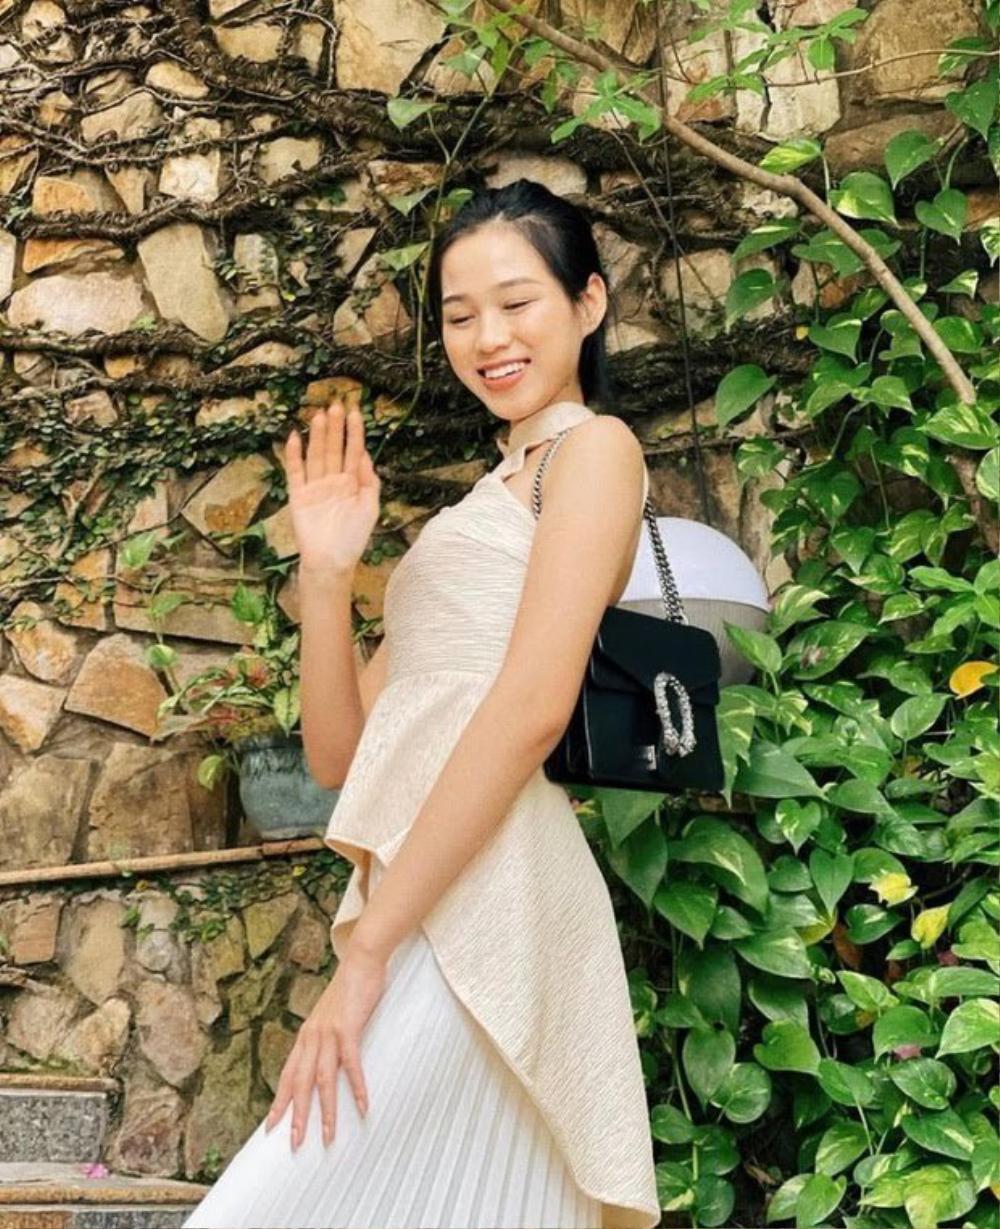 Hoa hậu Đỗ Thị Hà diện túi hiệu hơn 60 triệu đồng những ngày đầu năm Ảnh 2